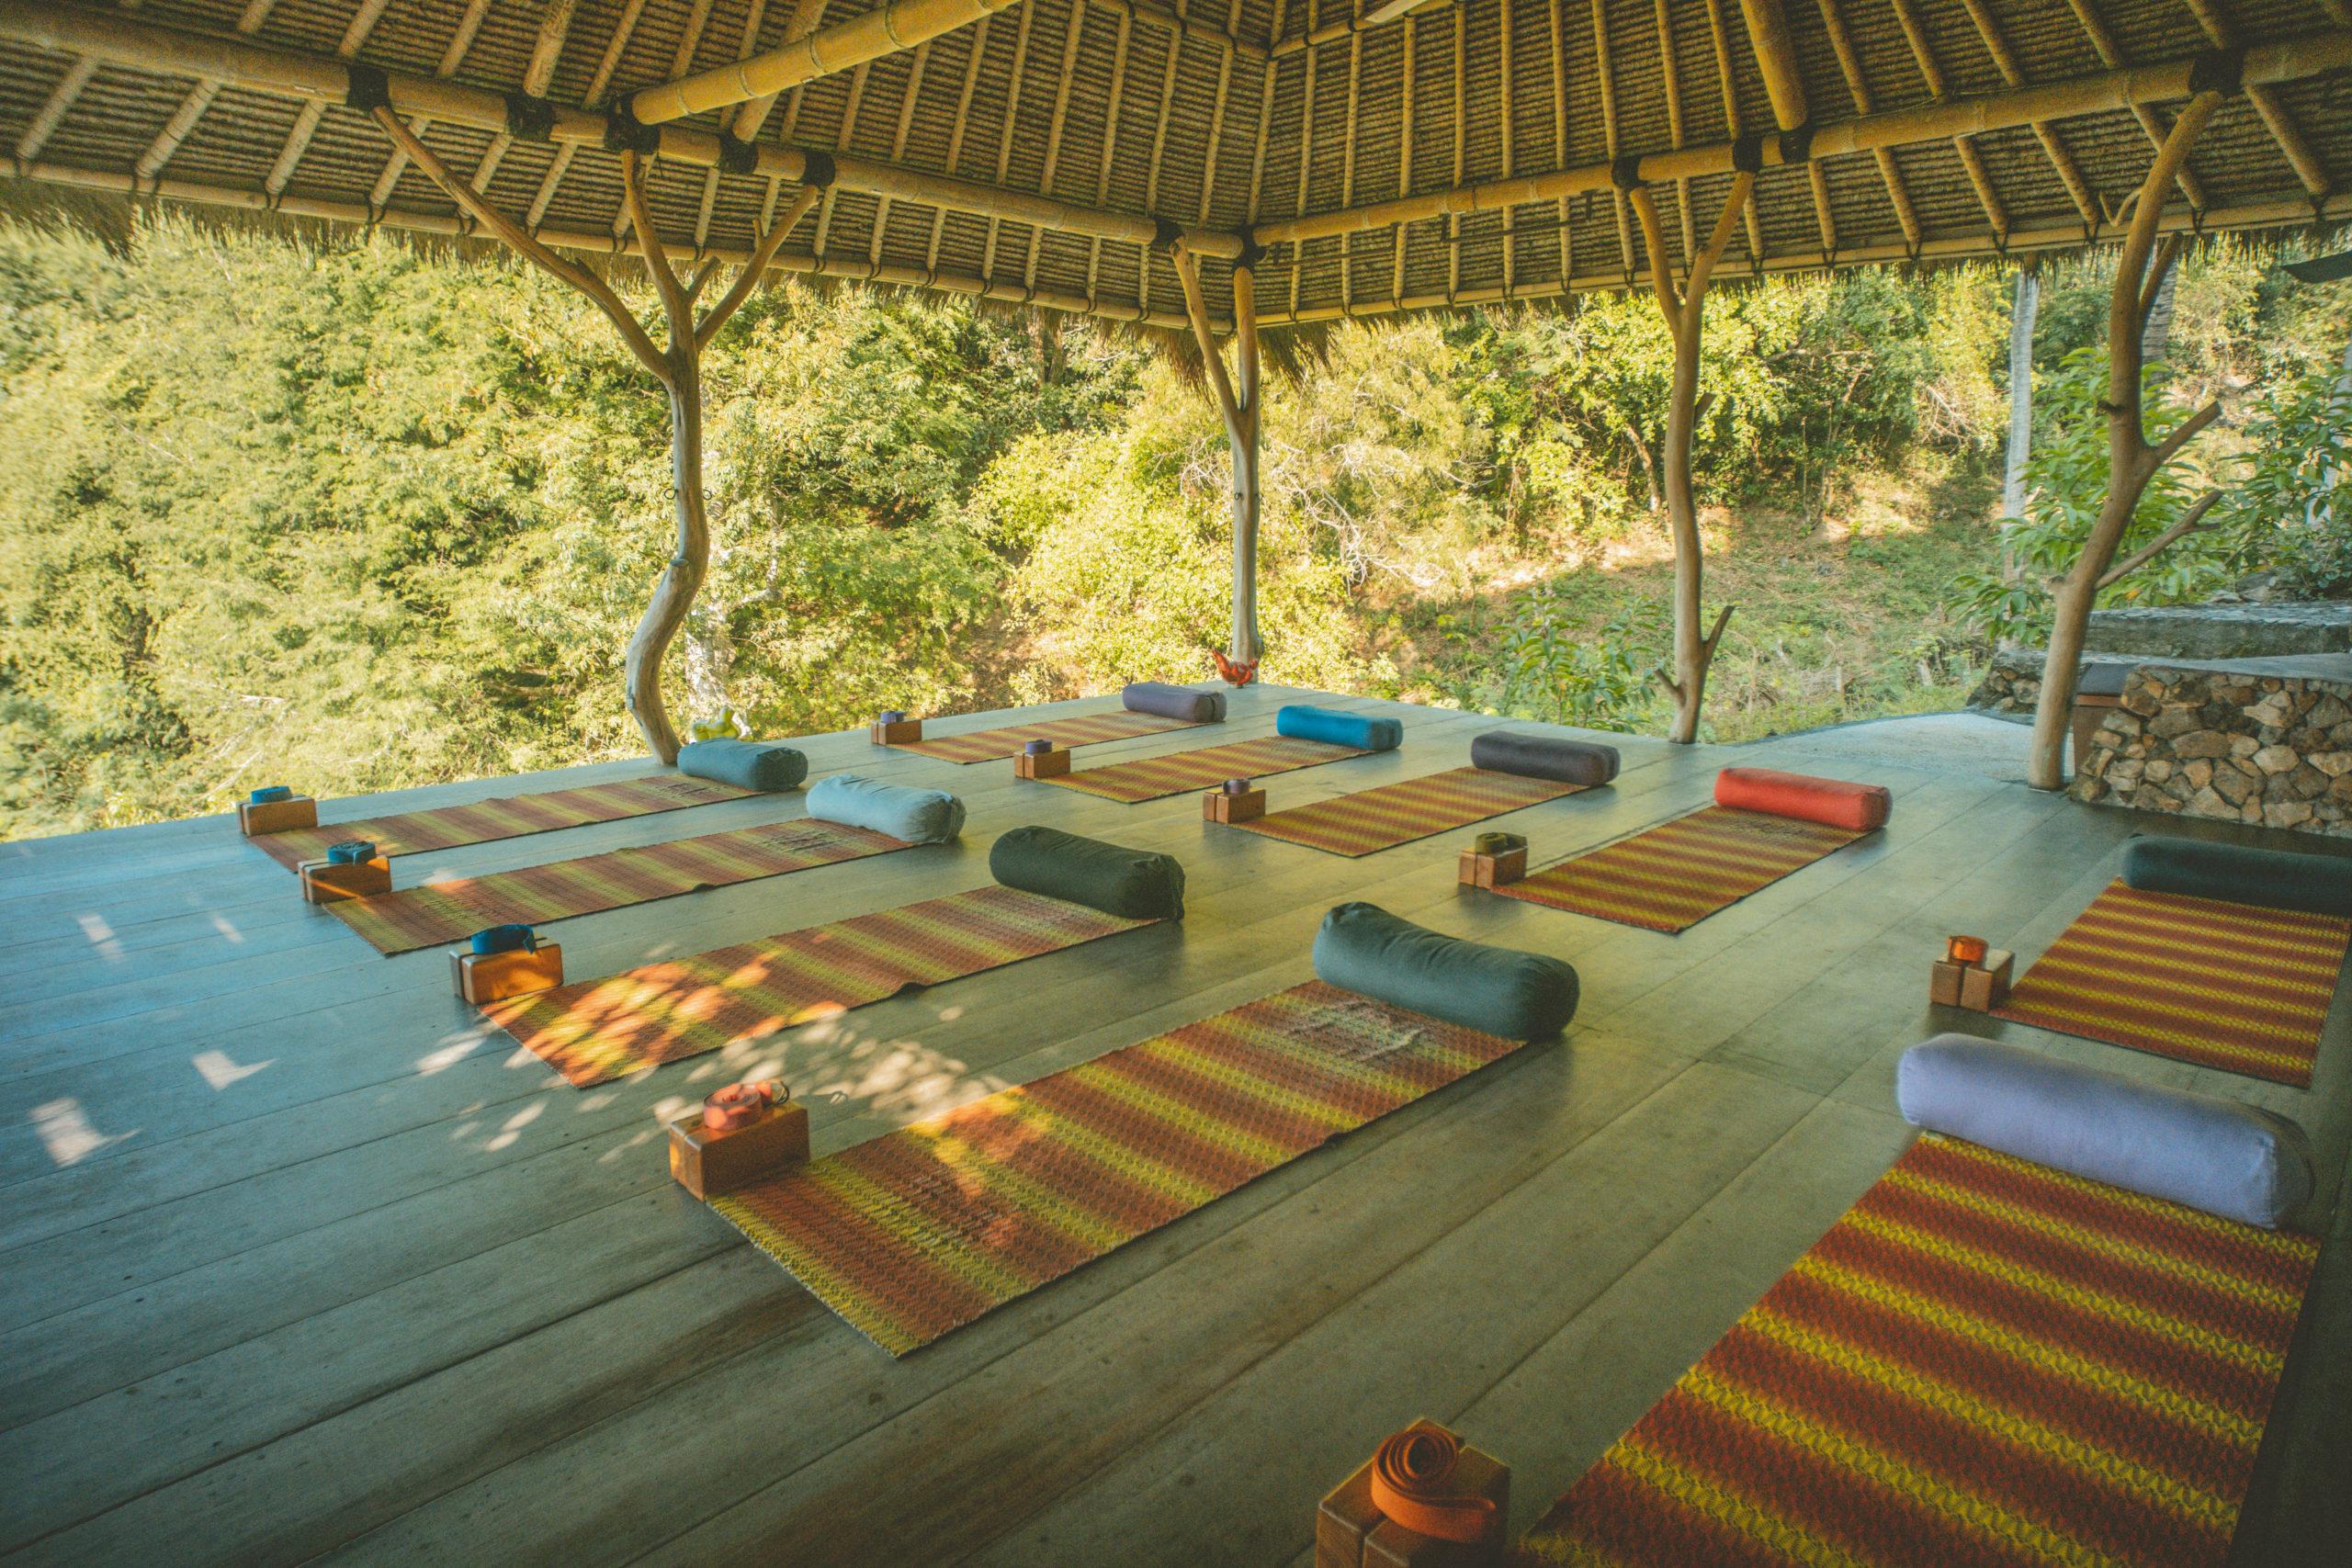 Ashtari, Yoga Kuta Lombok, Indonesia, Surf, yoga classes, Ashtanga, Meditation, retreat, sea view